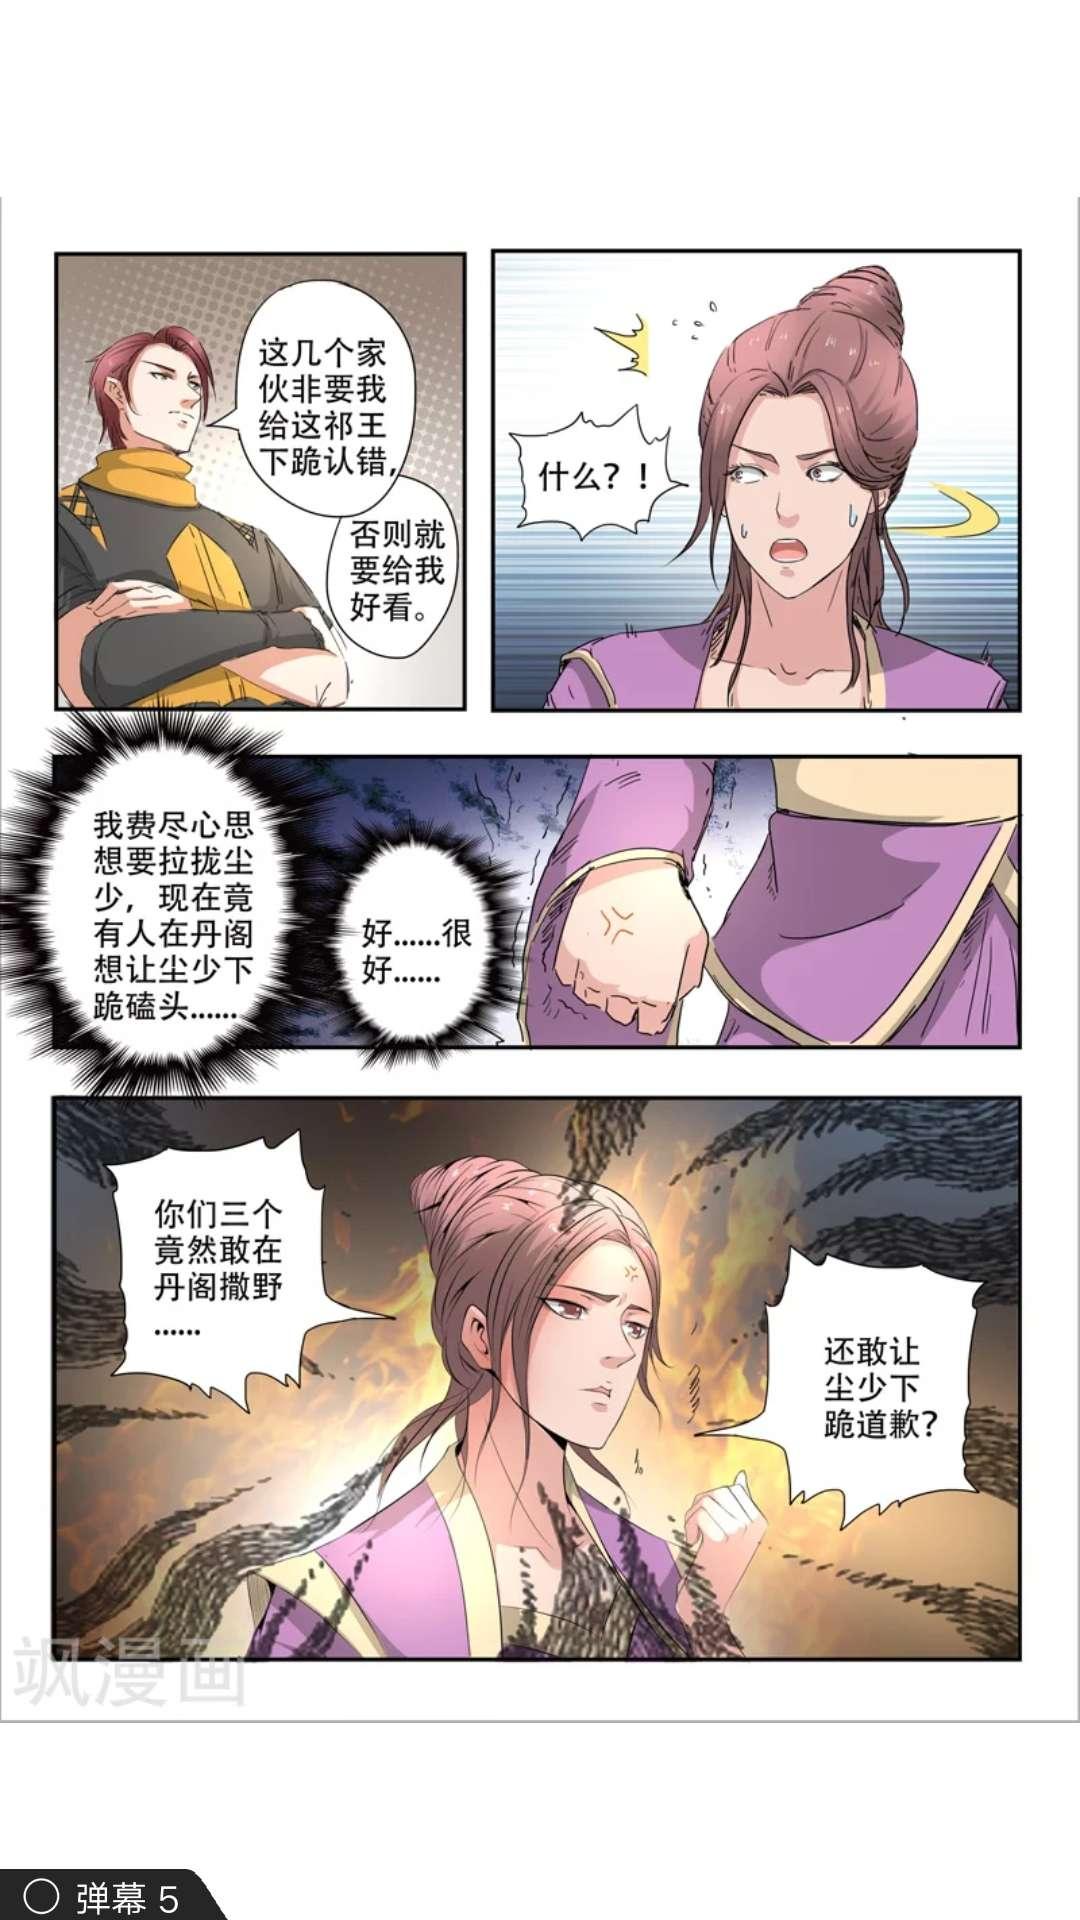 【漫画更新】武神主宰